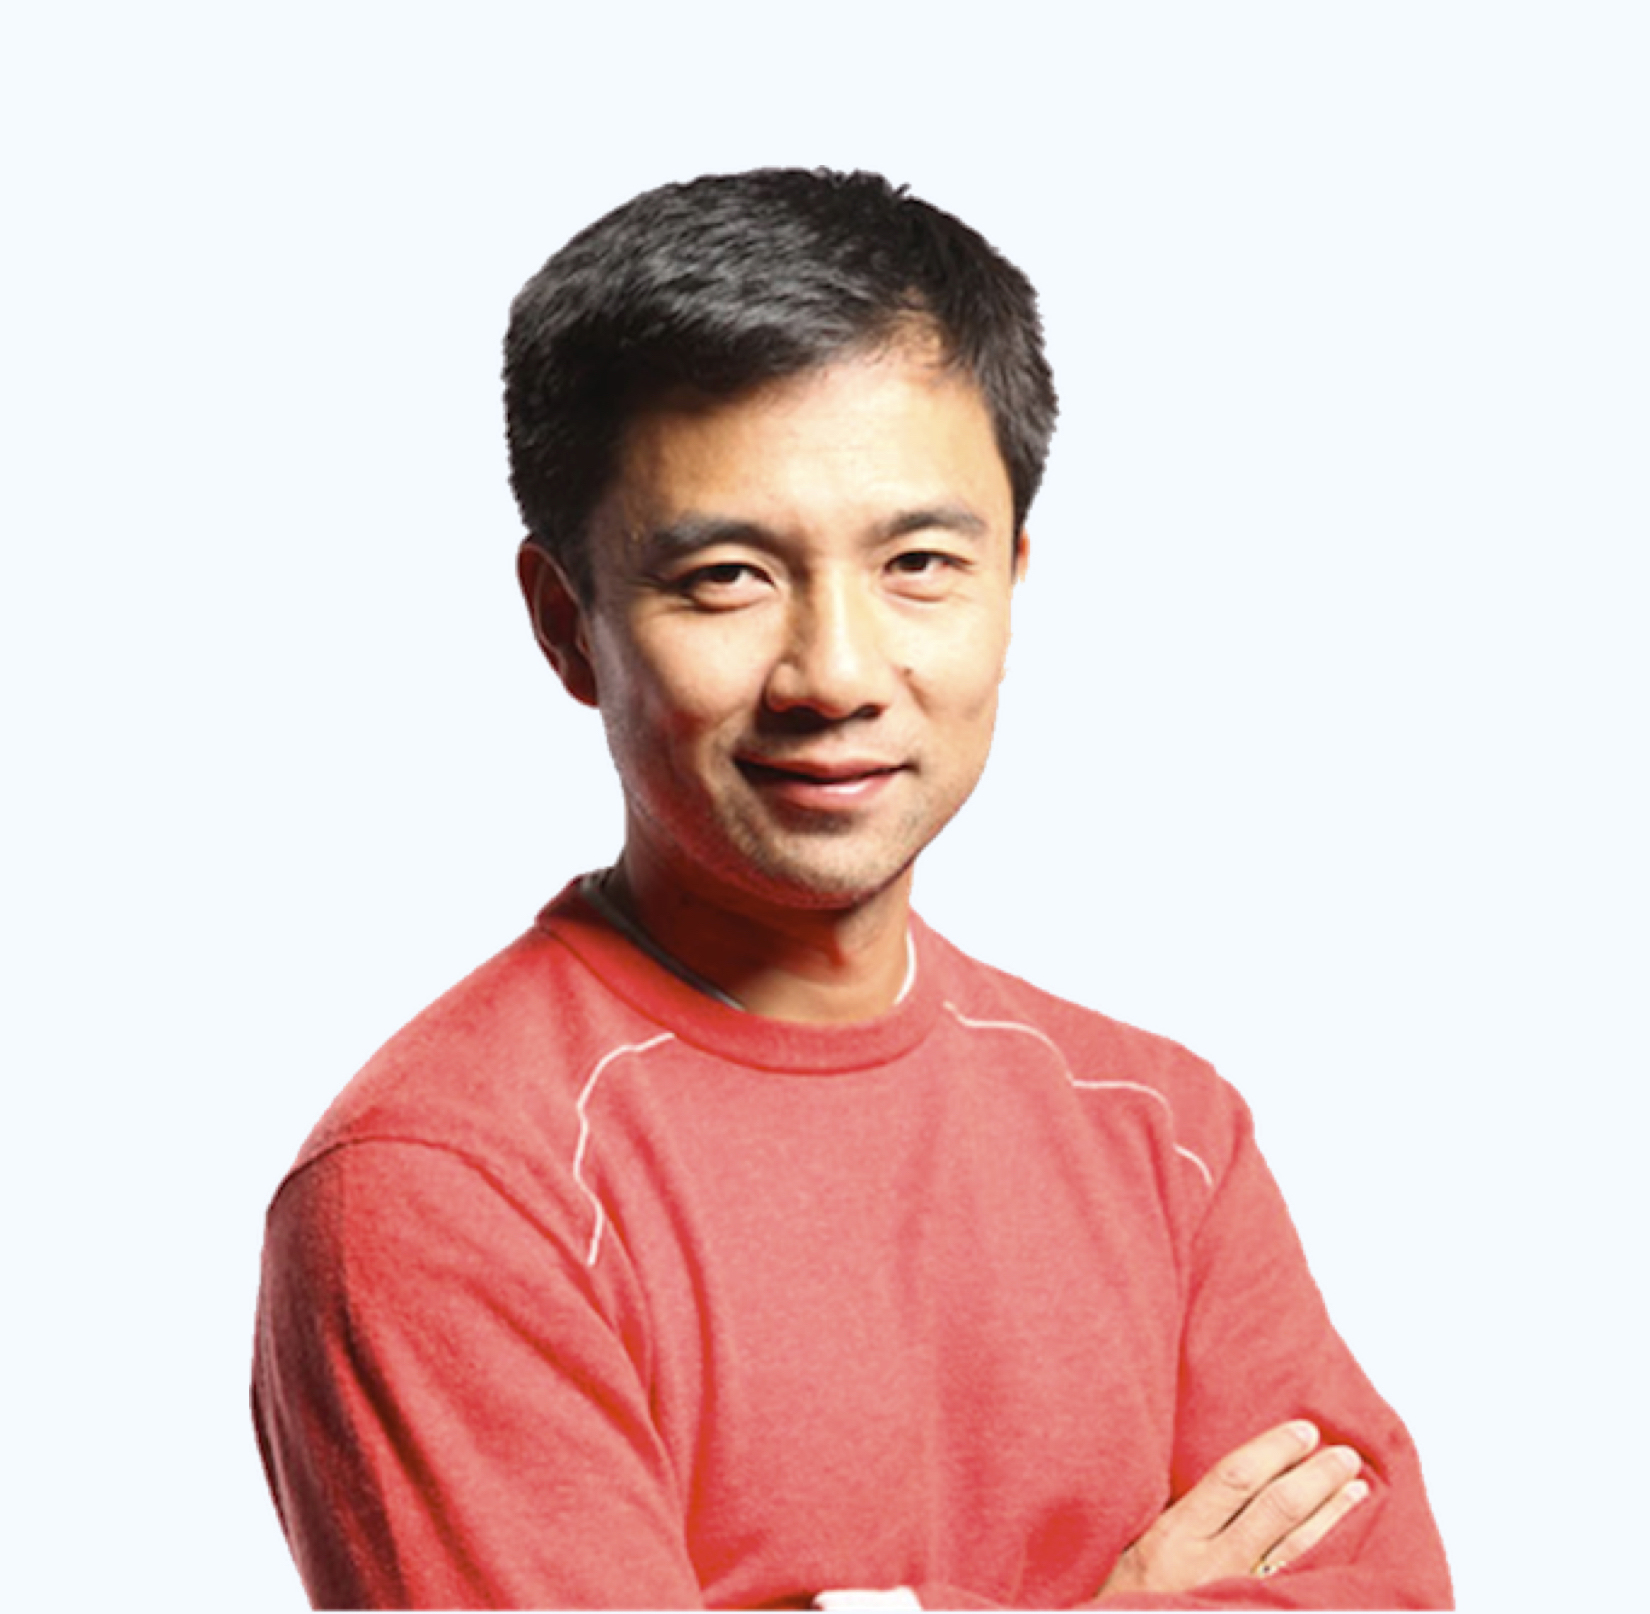 Yibo (Bo) Shao photo